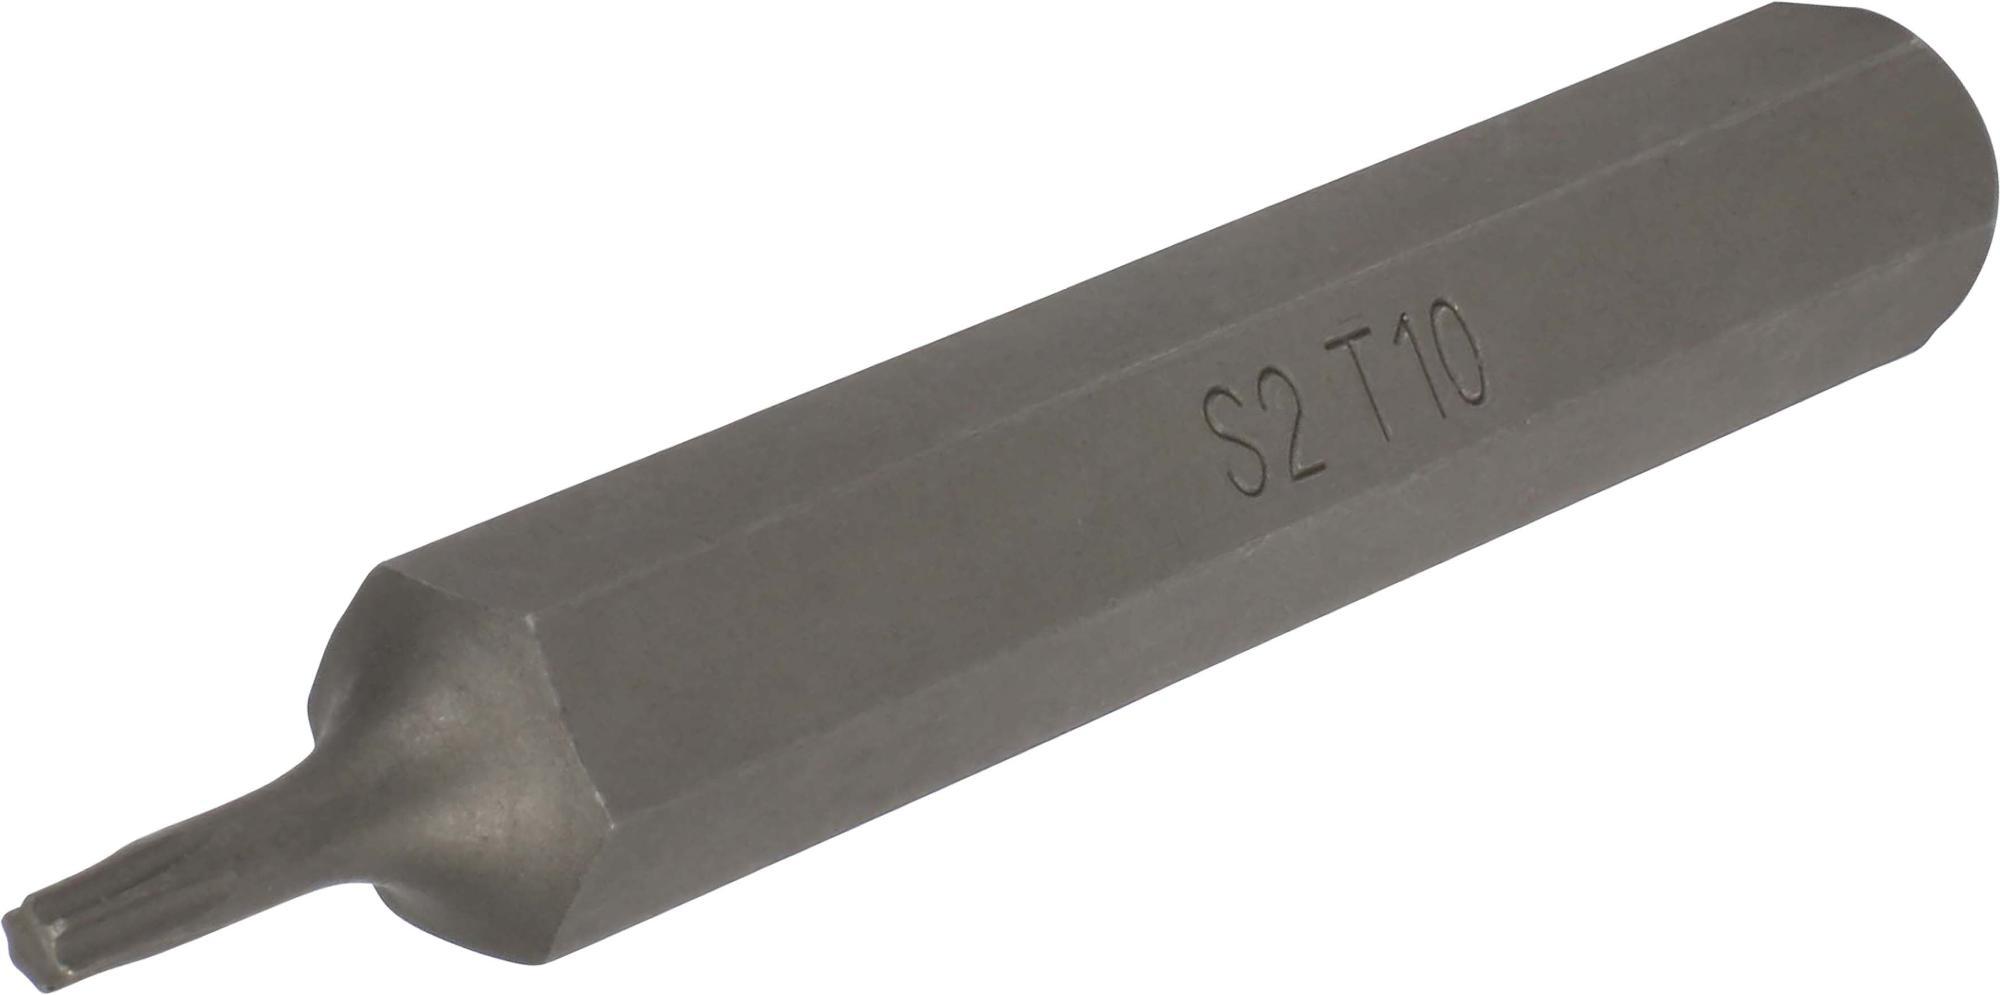 Bit, 10 mm 6-hran, TORX T10x75 mm